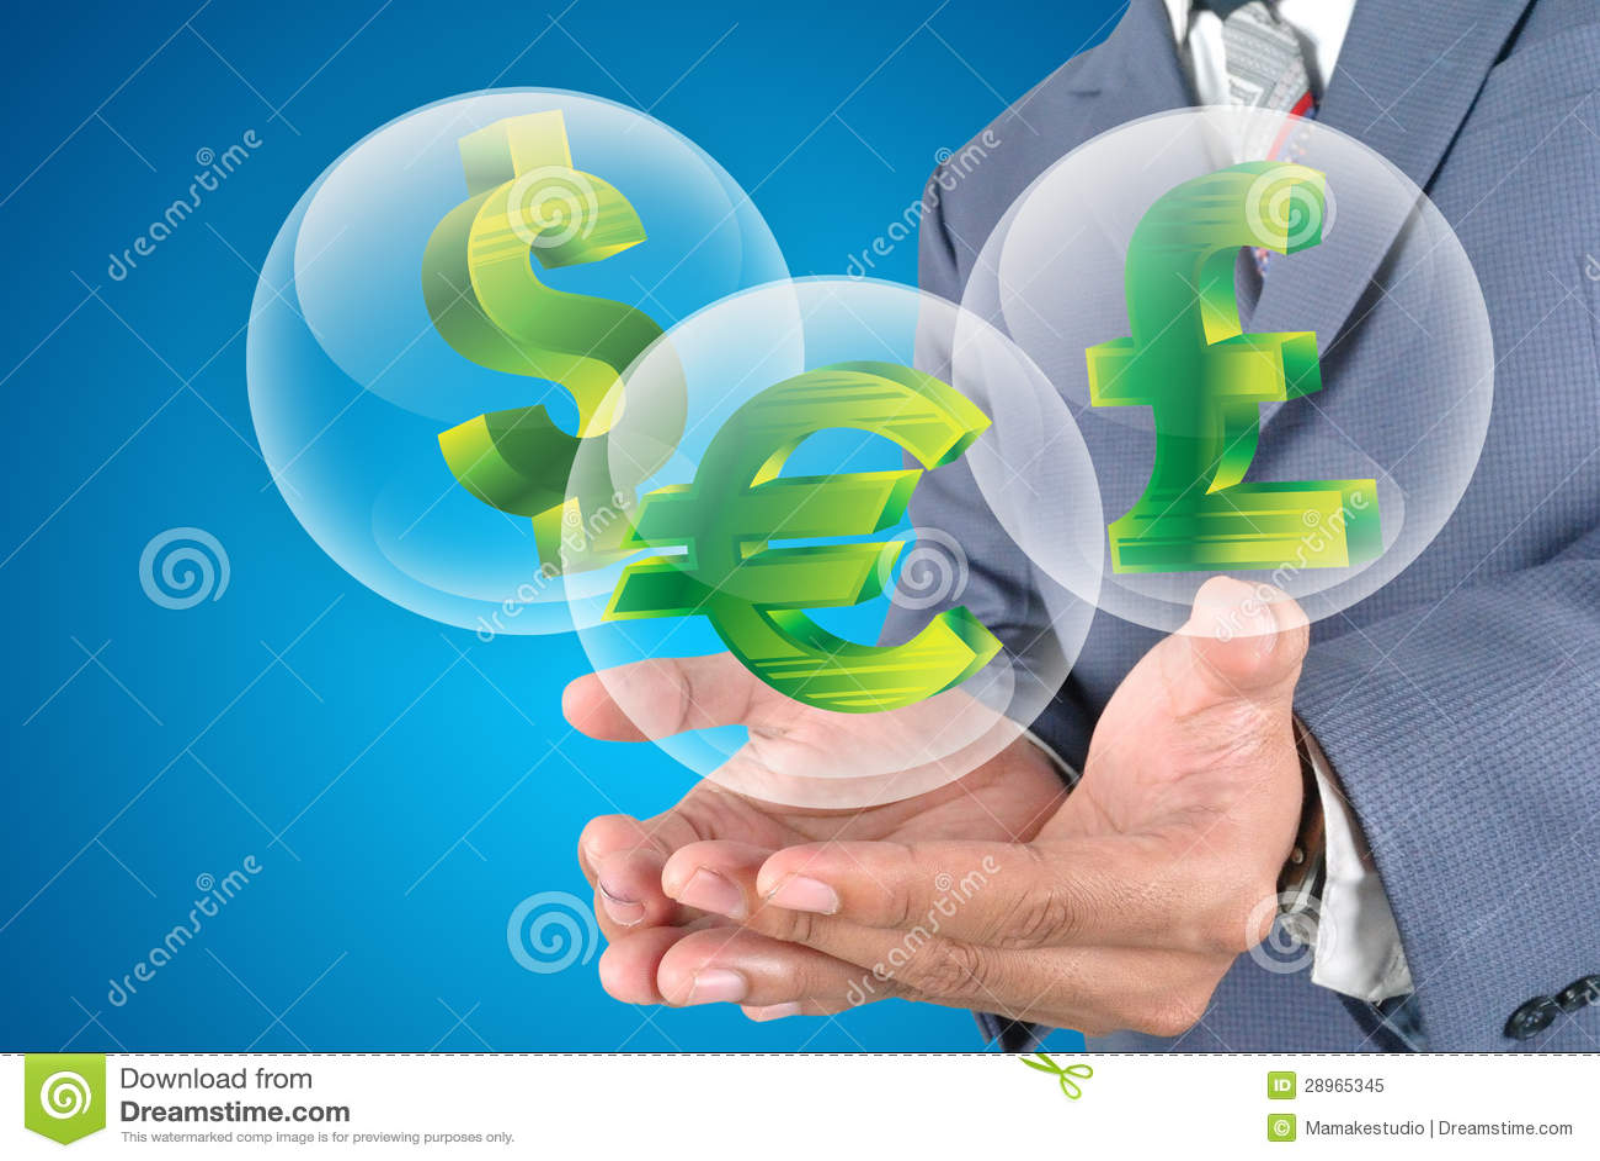 Pieniądze ikony dla biznesu finanse